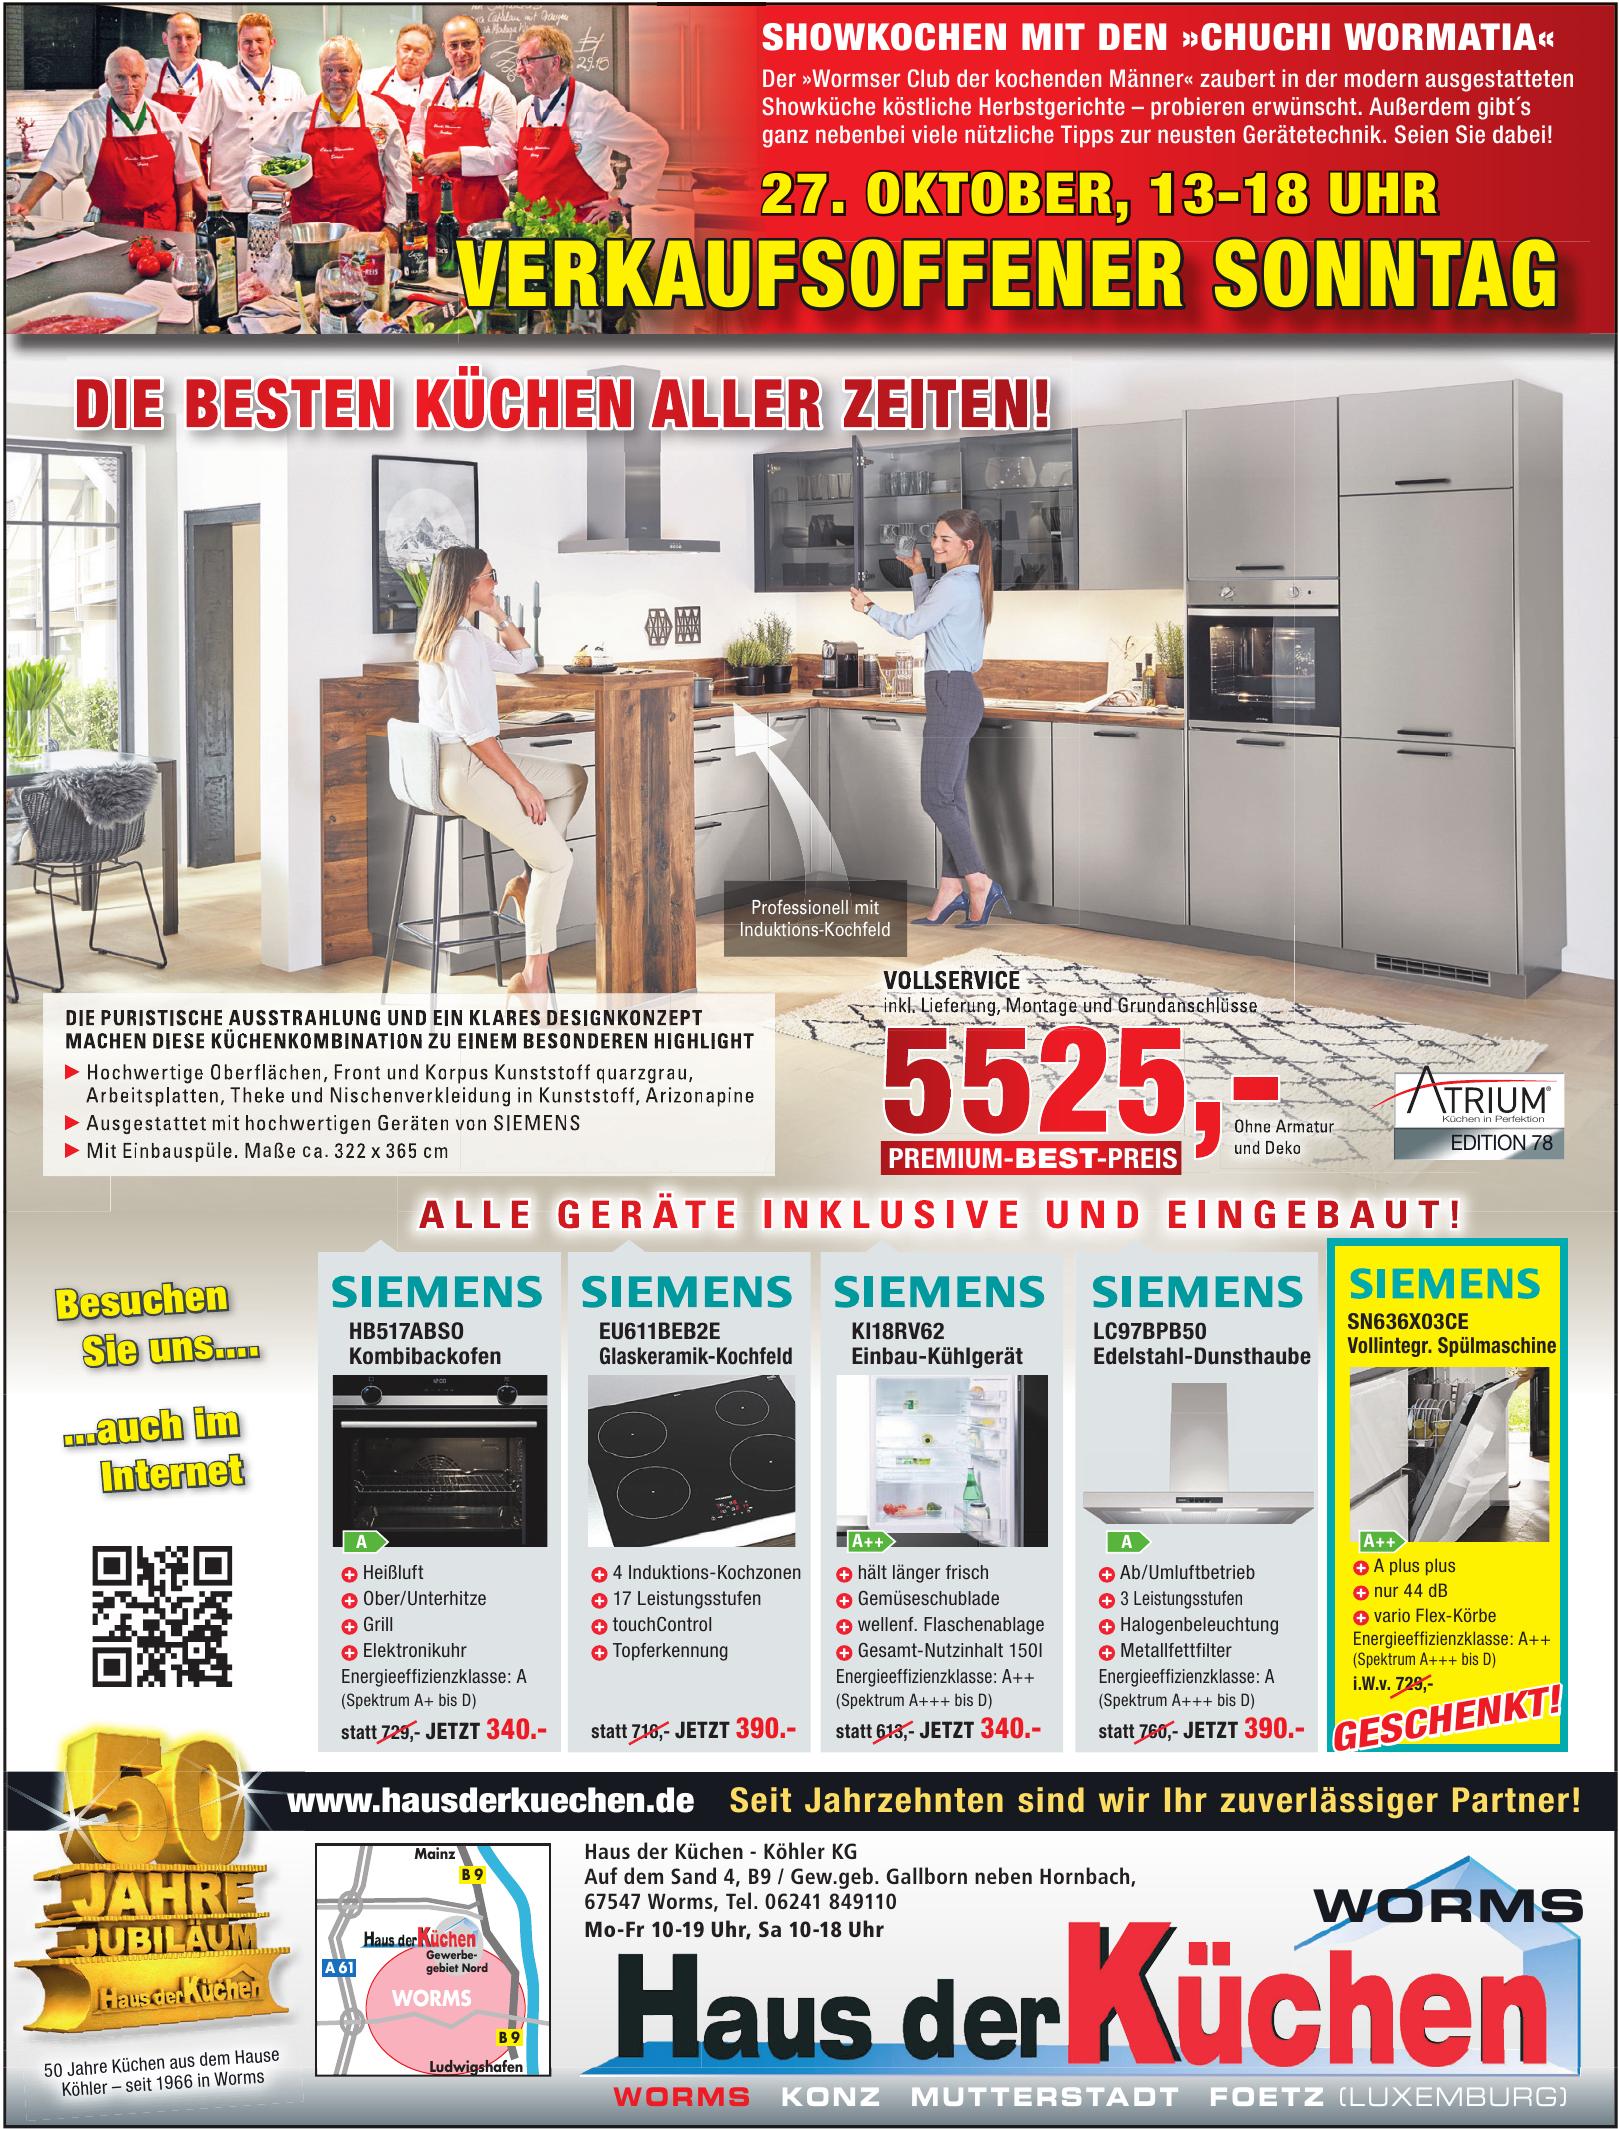 Haus der Küchen - Köhler KG